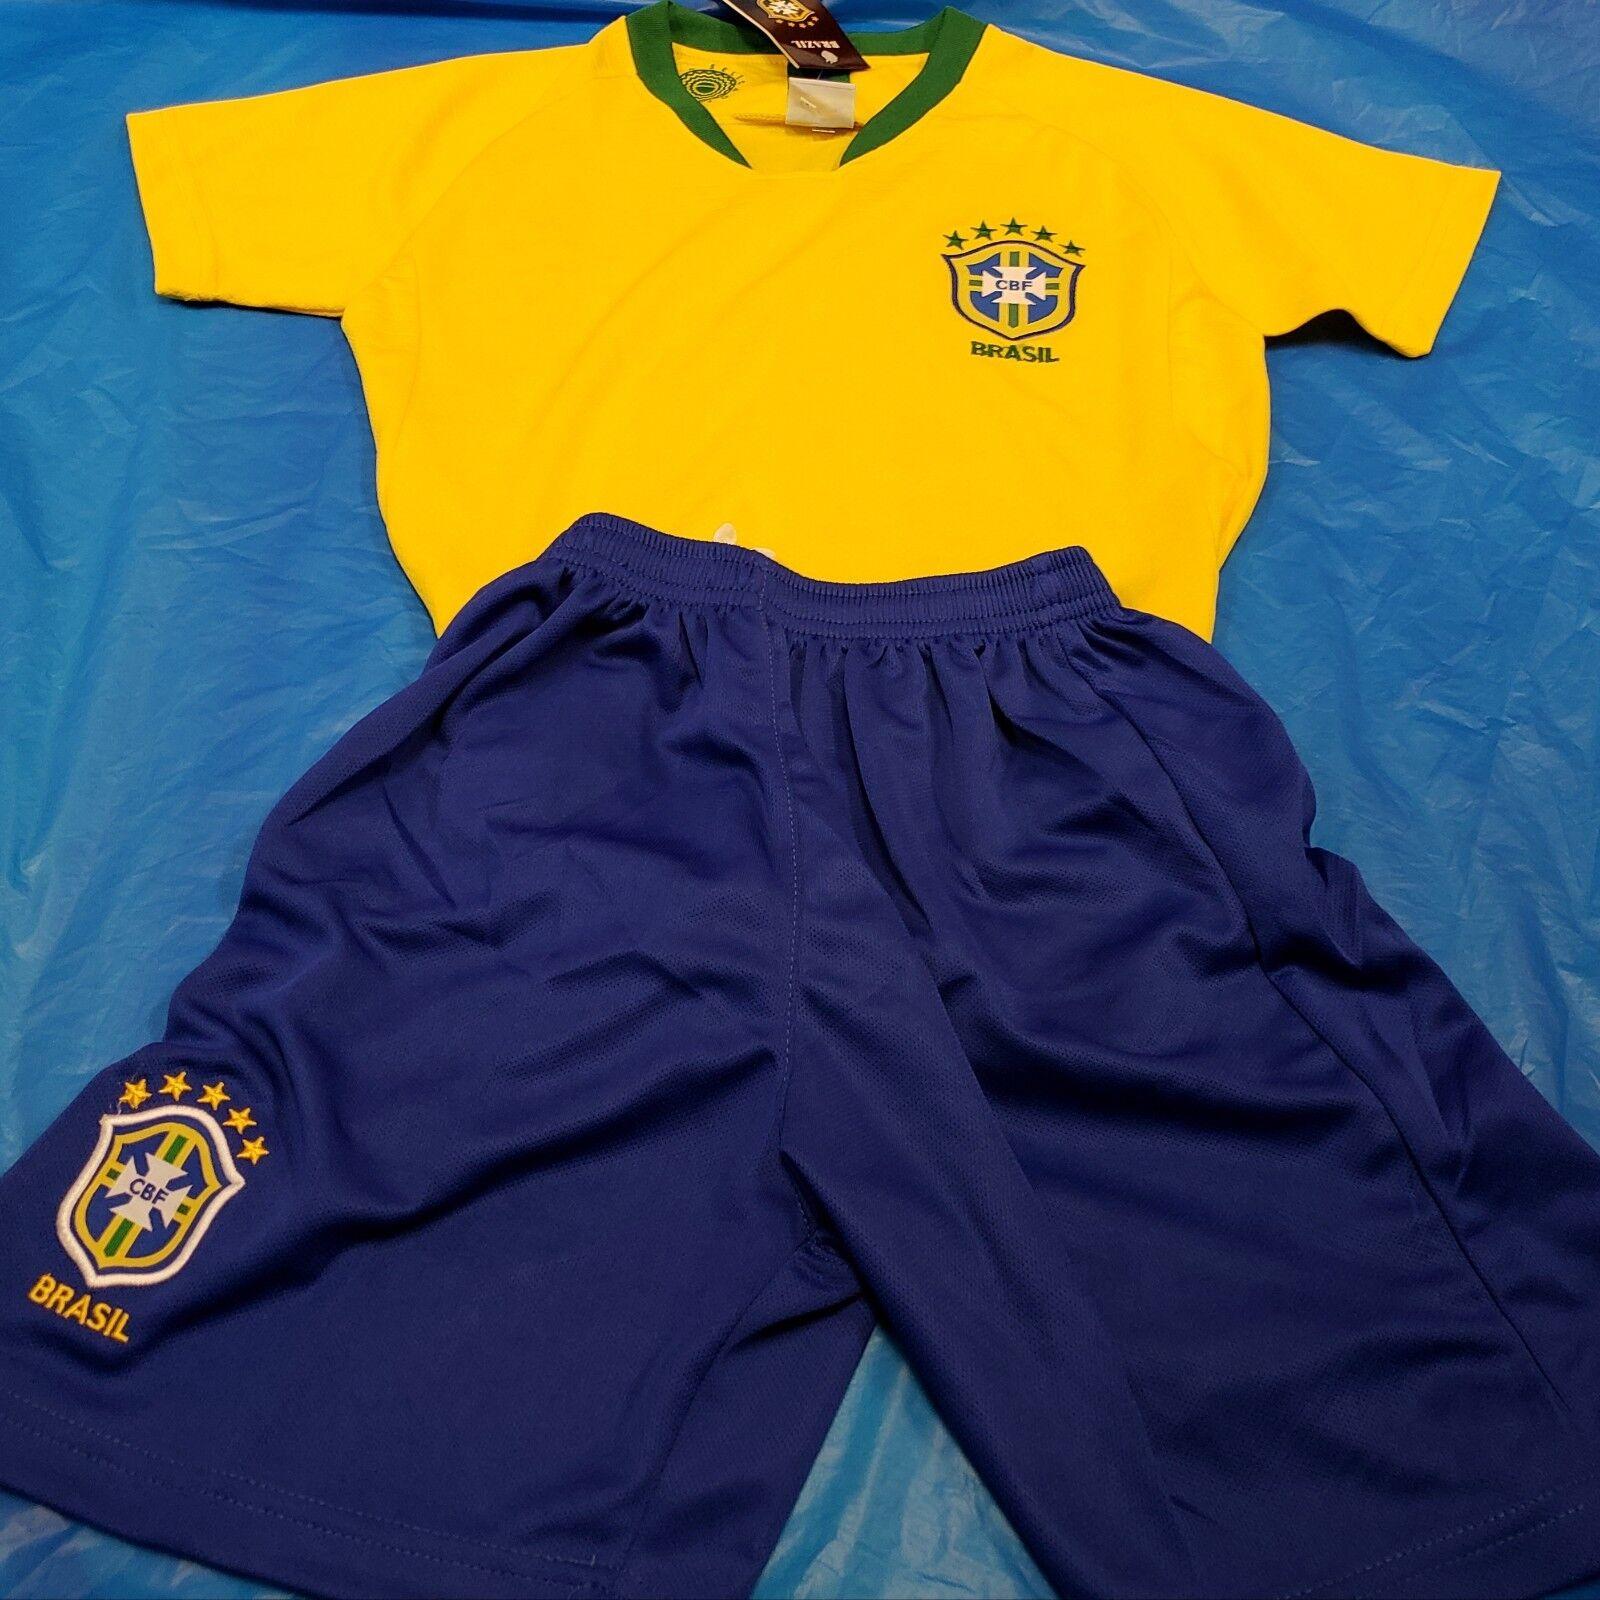 New  Brazil Uniformes para equipos Medias, Short, Jersey y Numero Youth